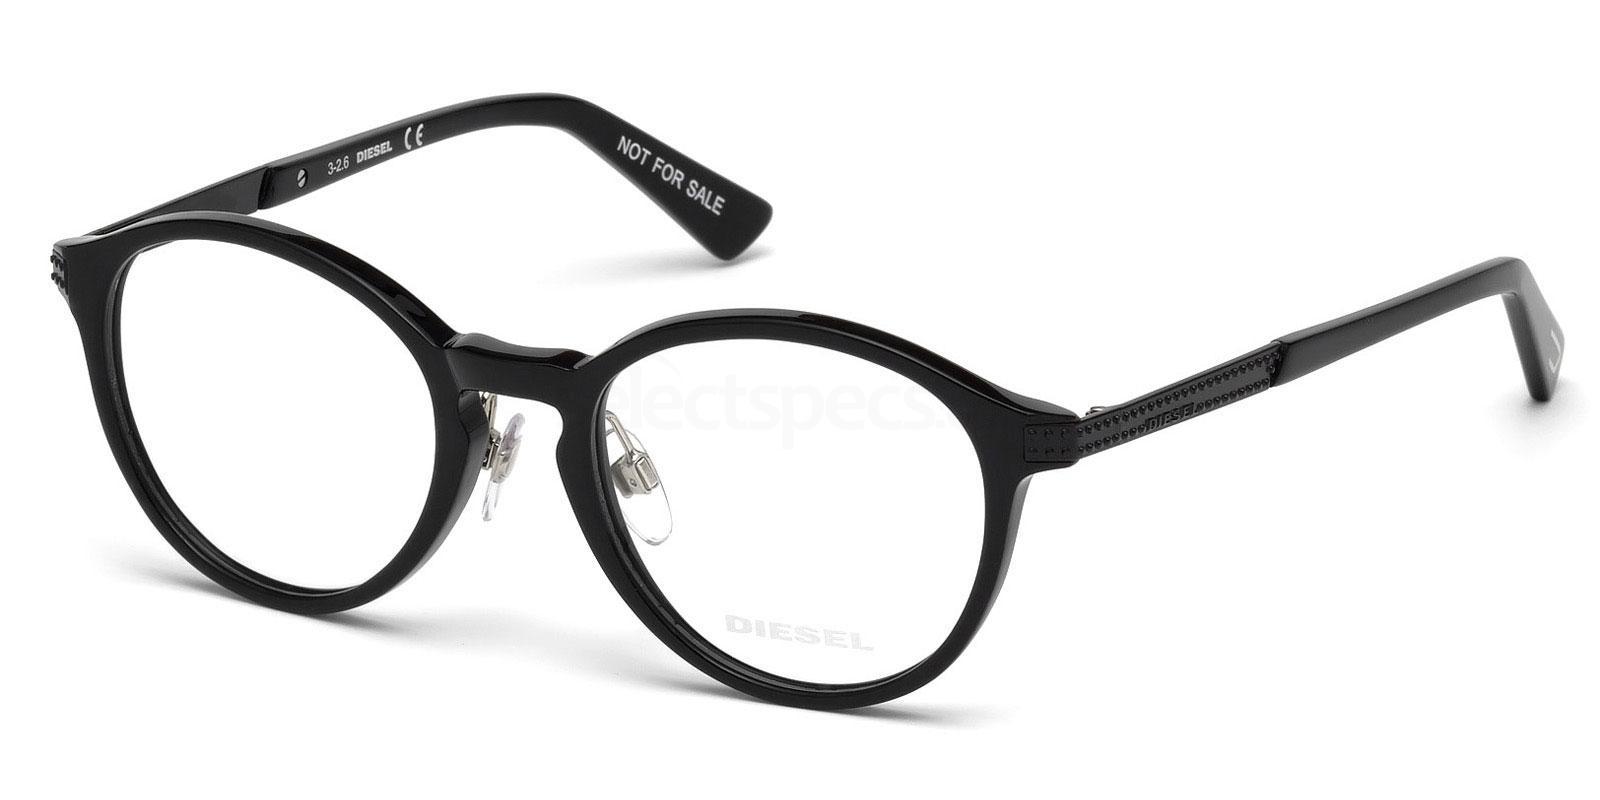 001 DL5233 Glasses, Diesel